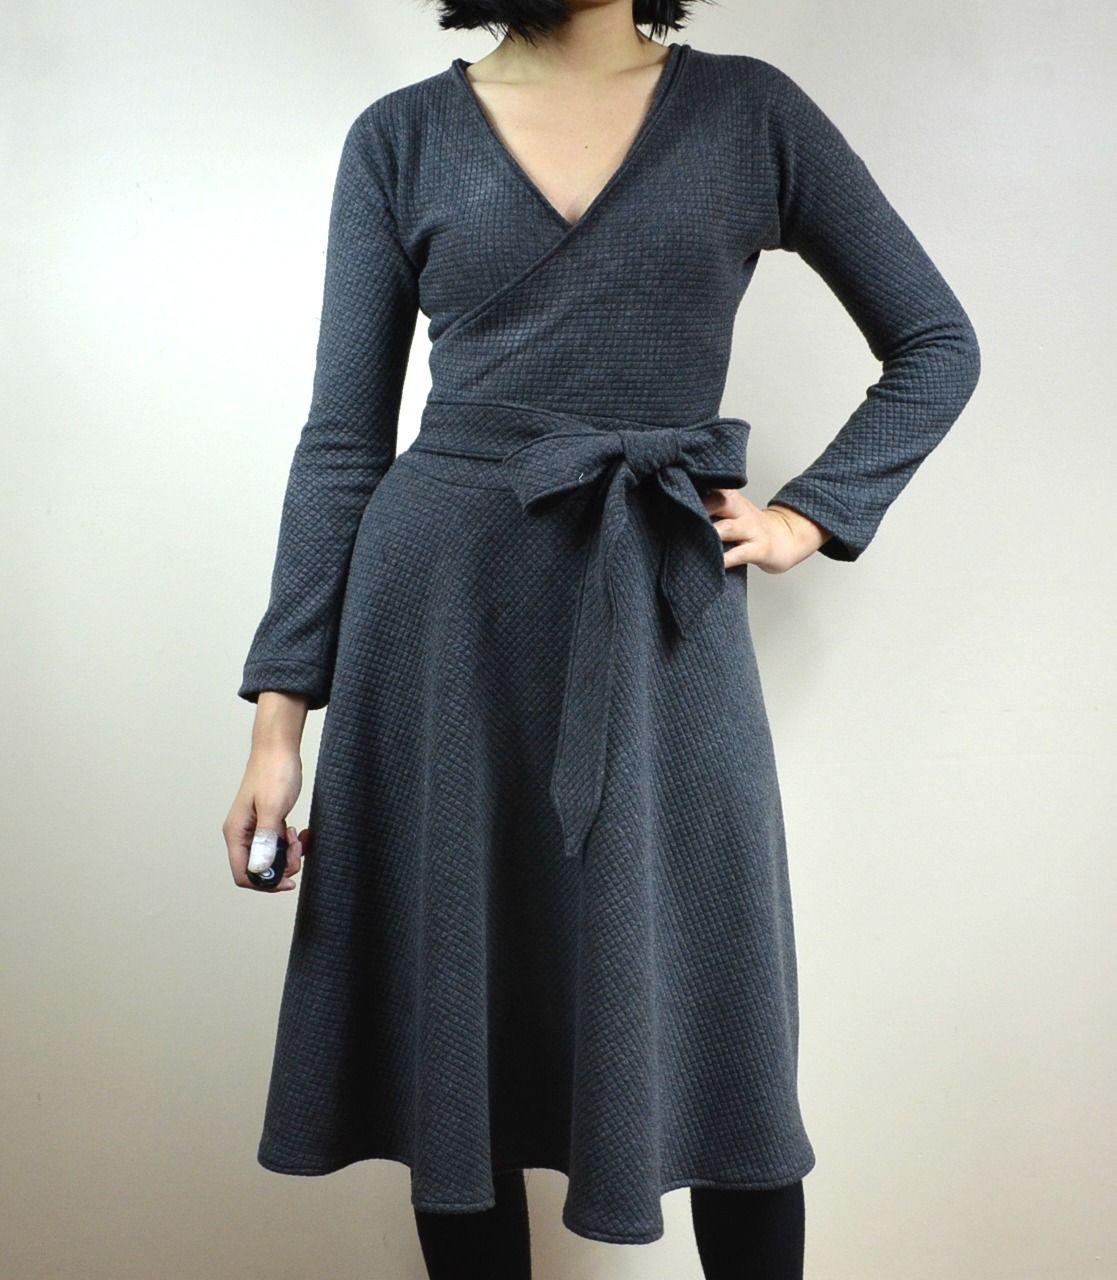 Pauline dress pattern sewing patterns patterns and dress patterns